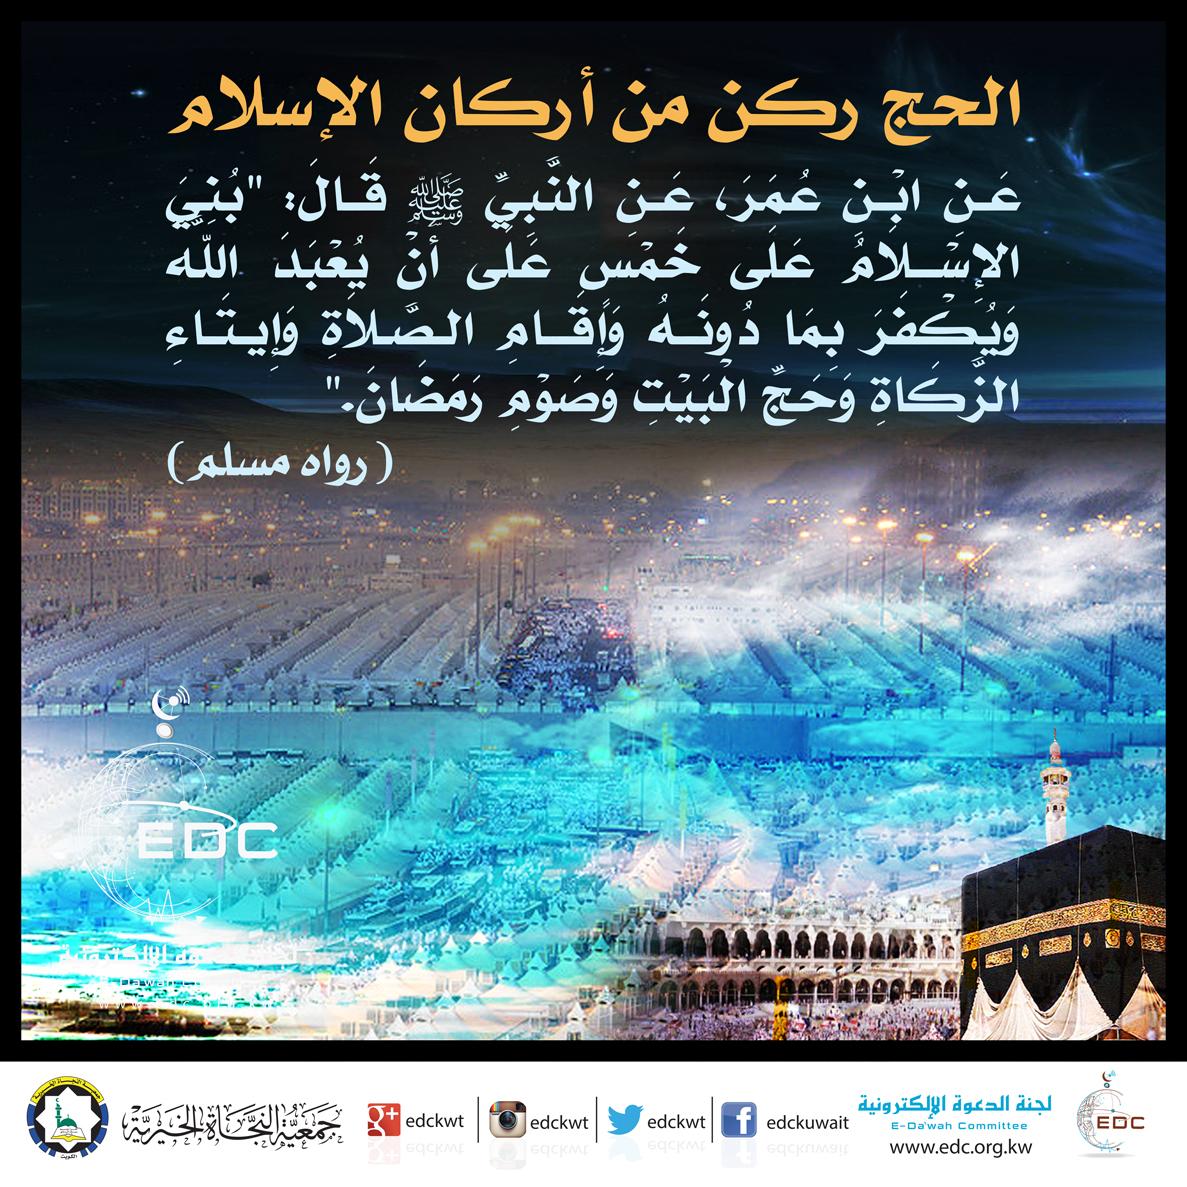 الحج ركن من أركان الإسلام